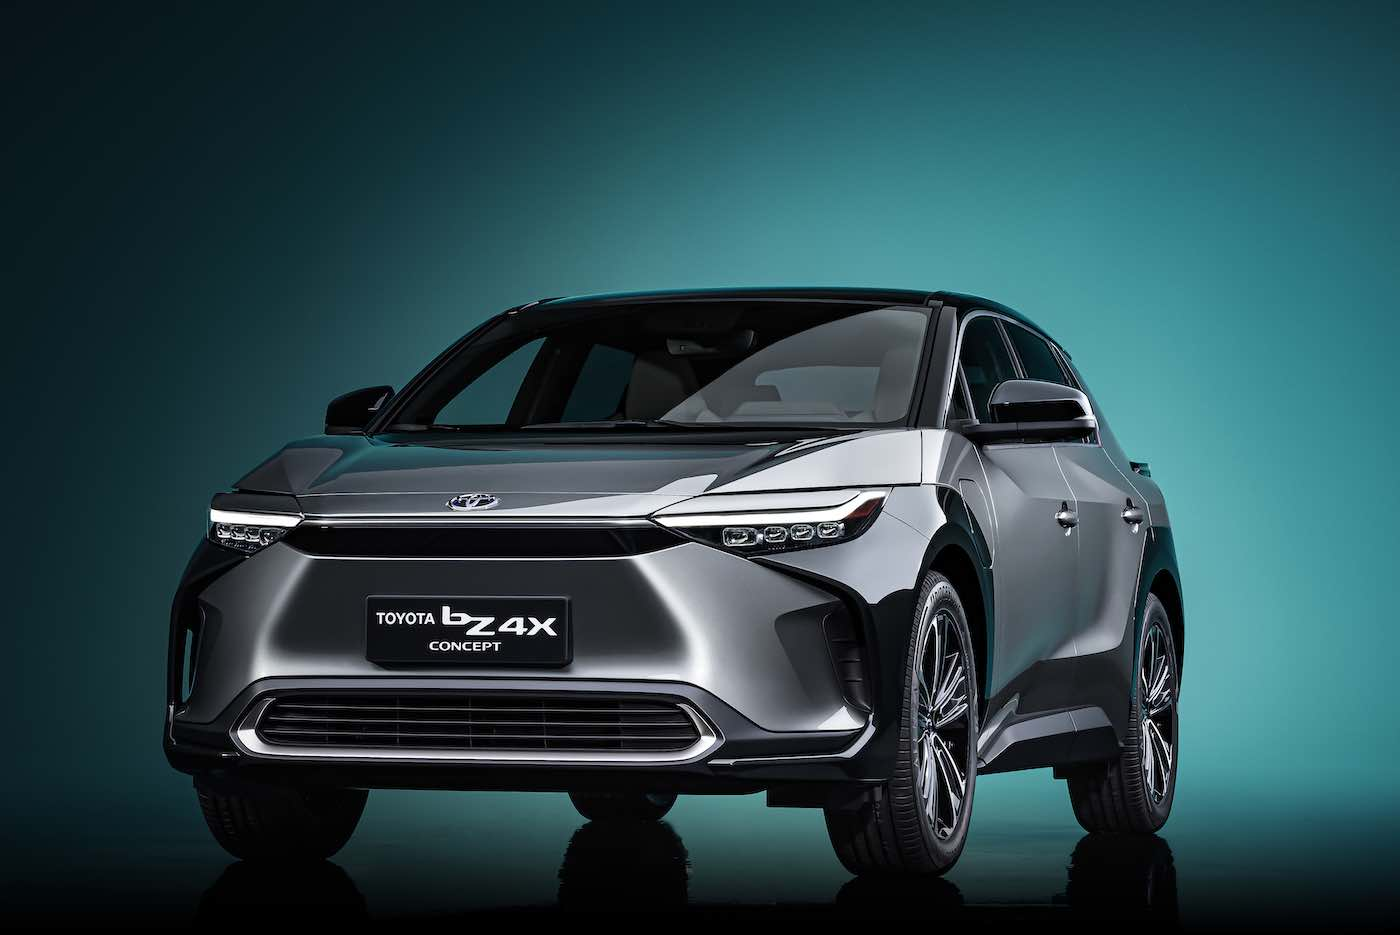 Presentación mundial del prototipo Toyota bZ4X